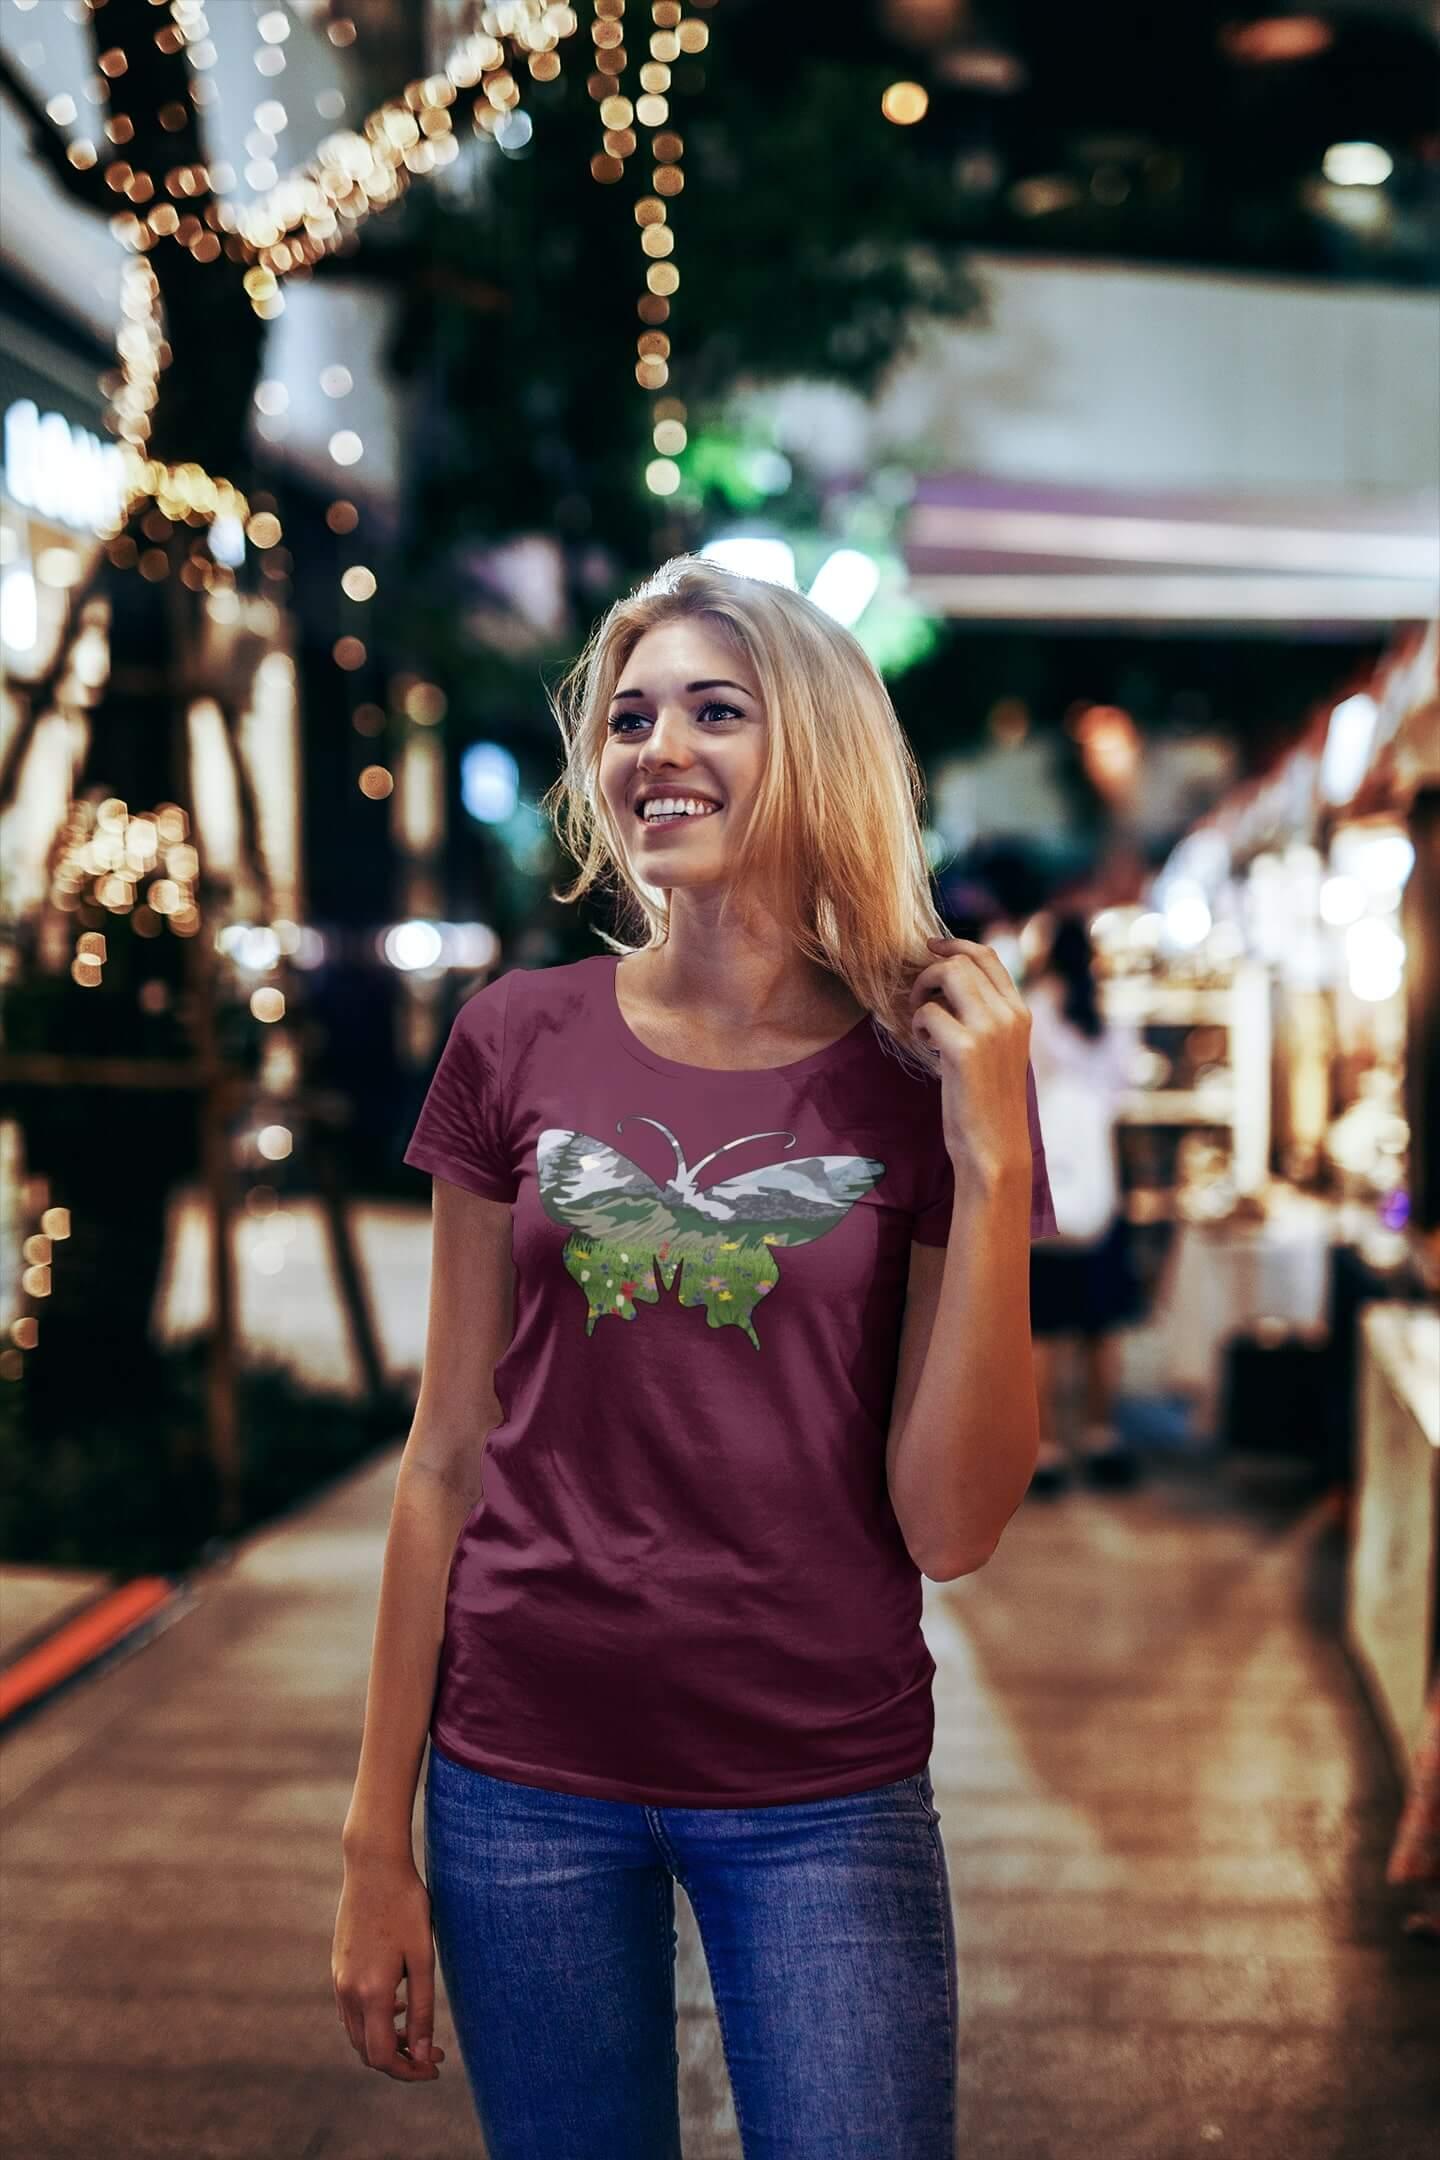 MMO Dámske tričko Motýľ Vyberte farbu: Fuchsiová, Vyberte veľkosť: S